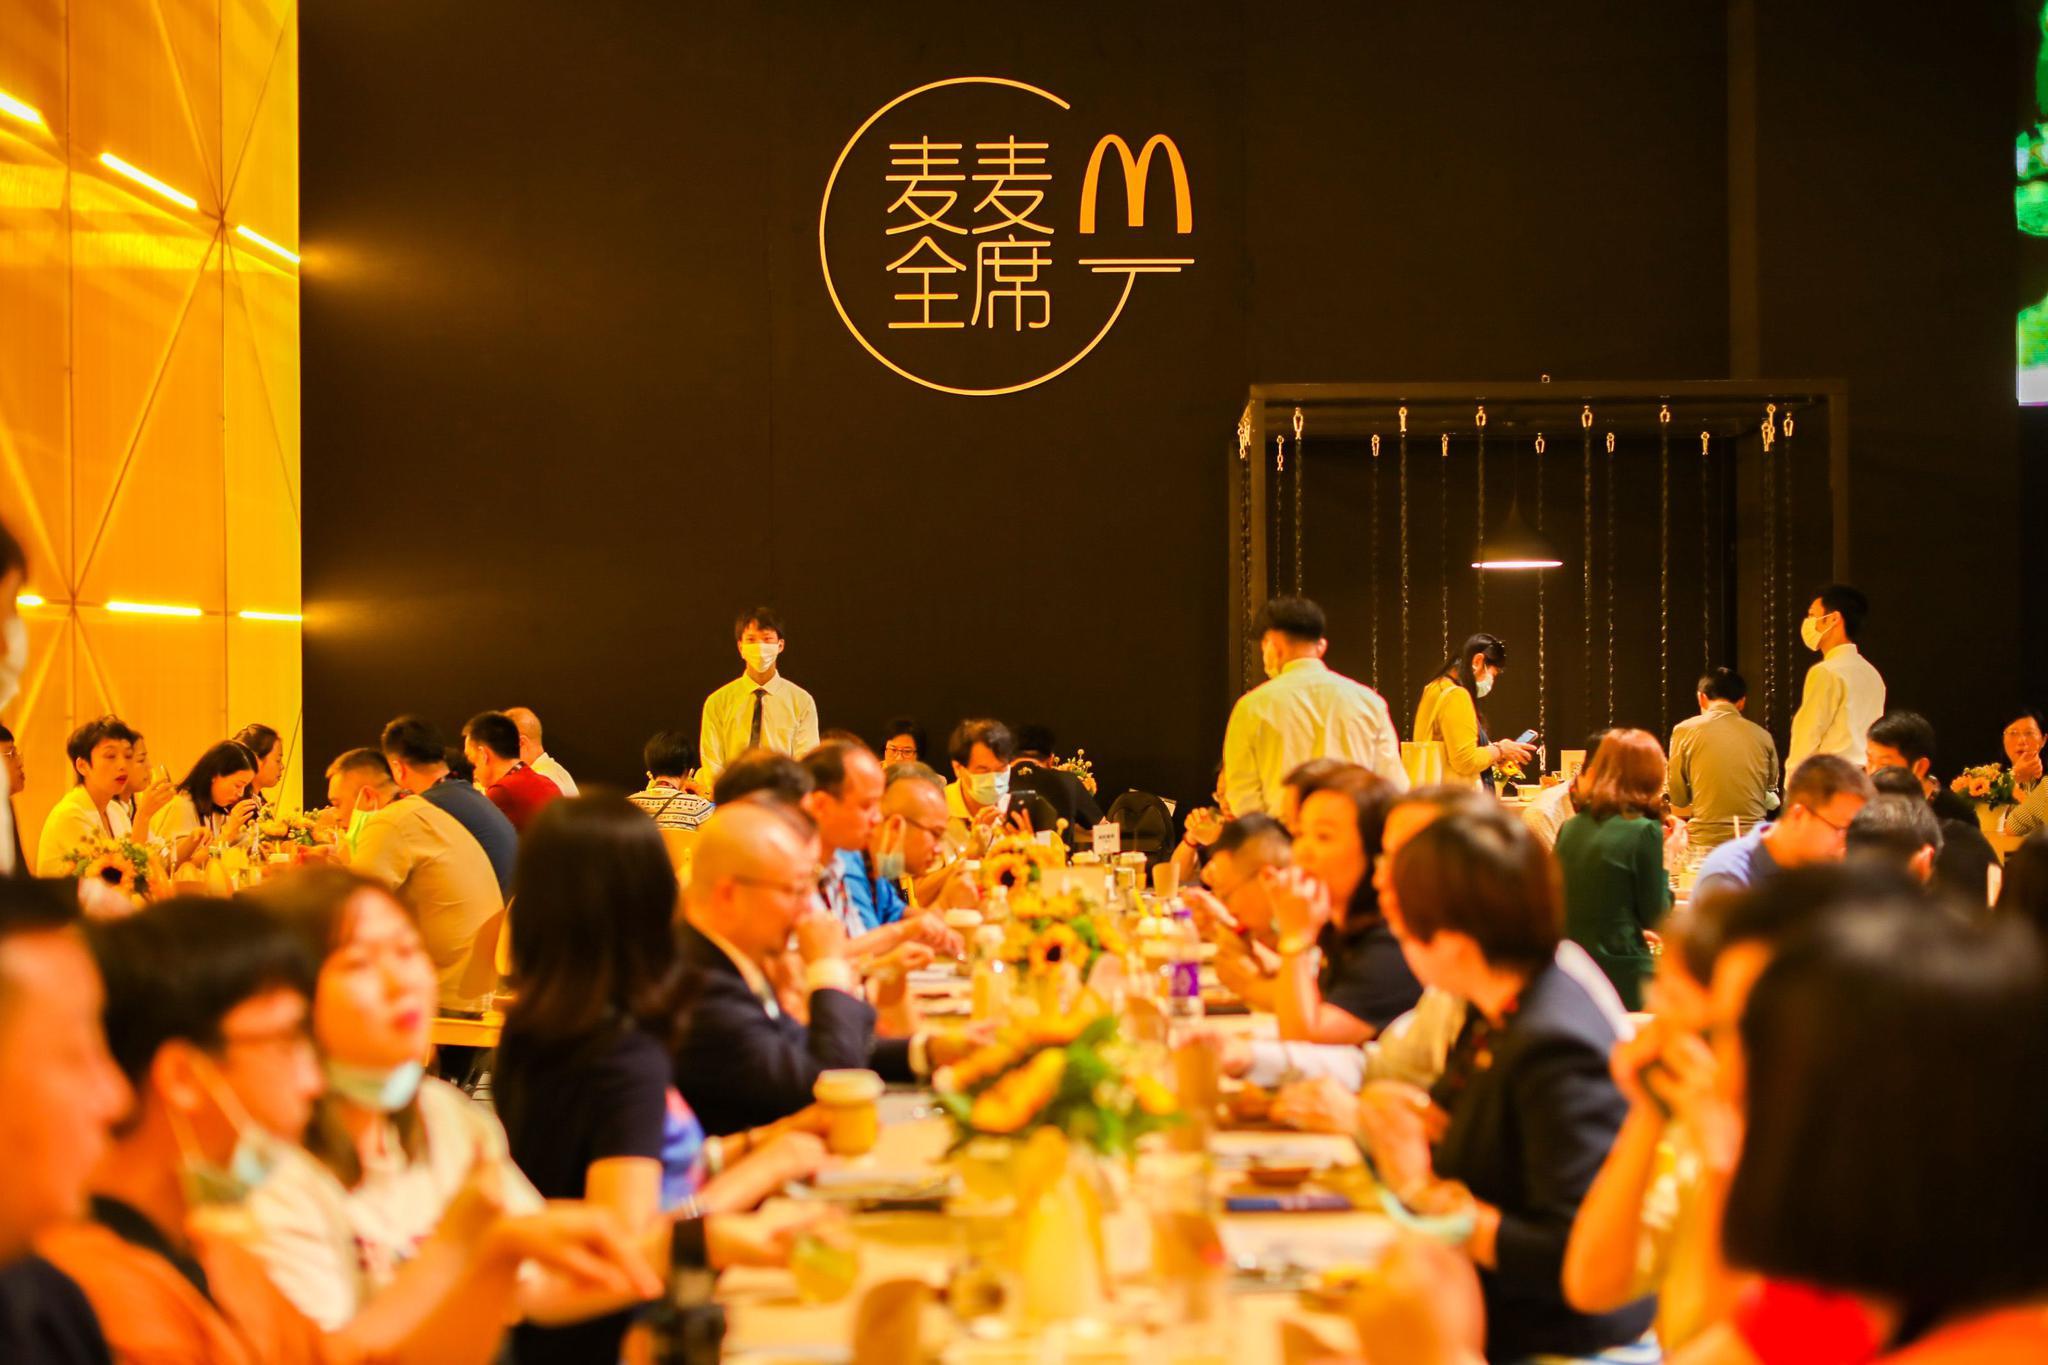 麦当劳中国启动青年人才培养计划,投资超过1亿元图片